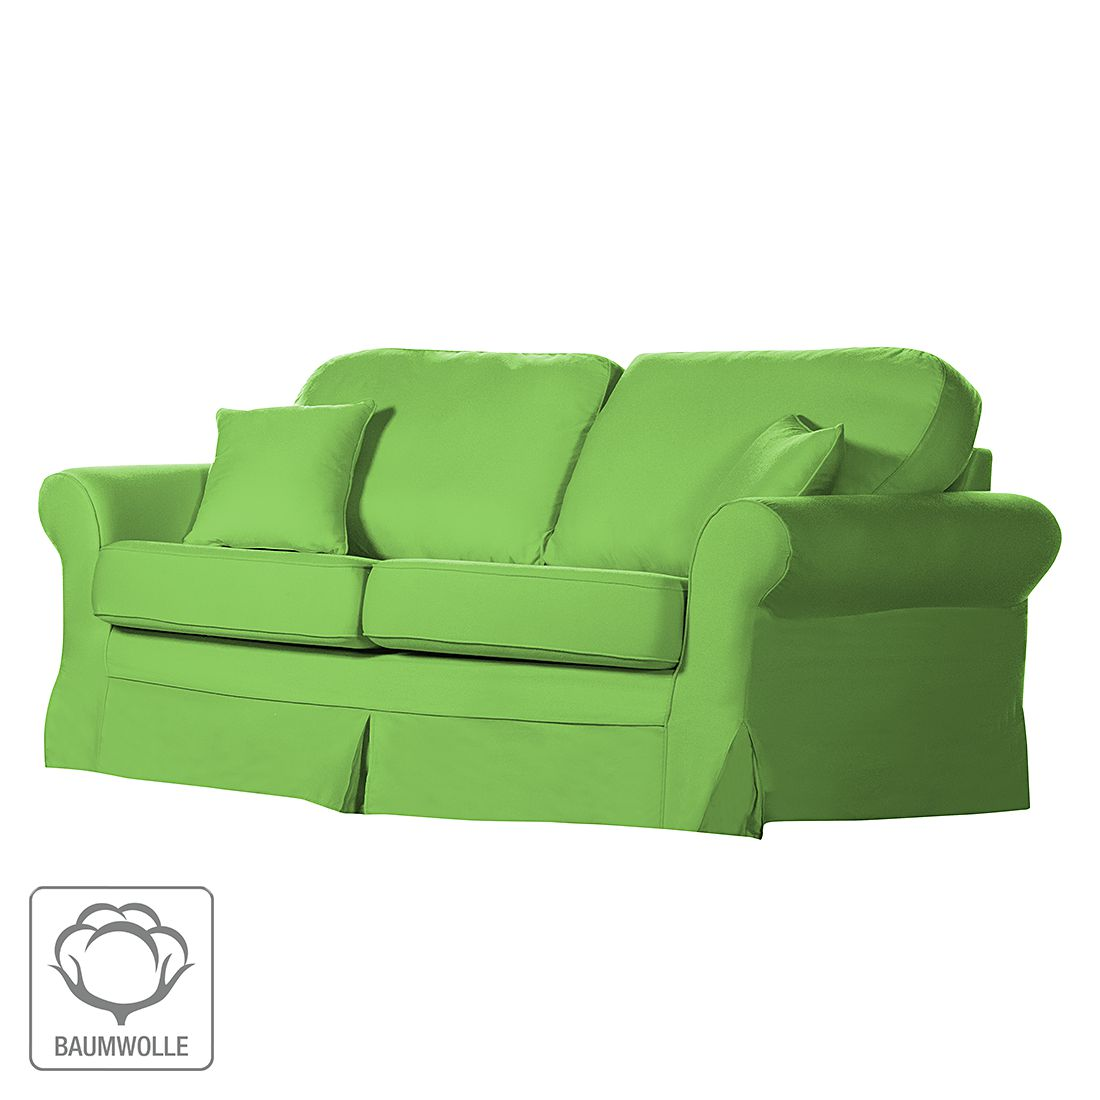 Sofa Louanne (3-Sitzer) – Baumwollstoff Grün, Jack & Alice günstig kaufen